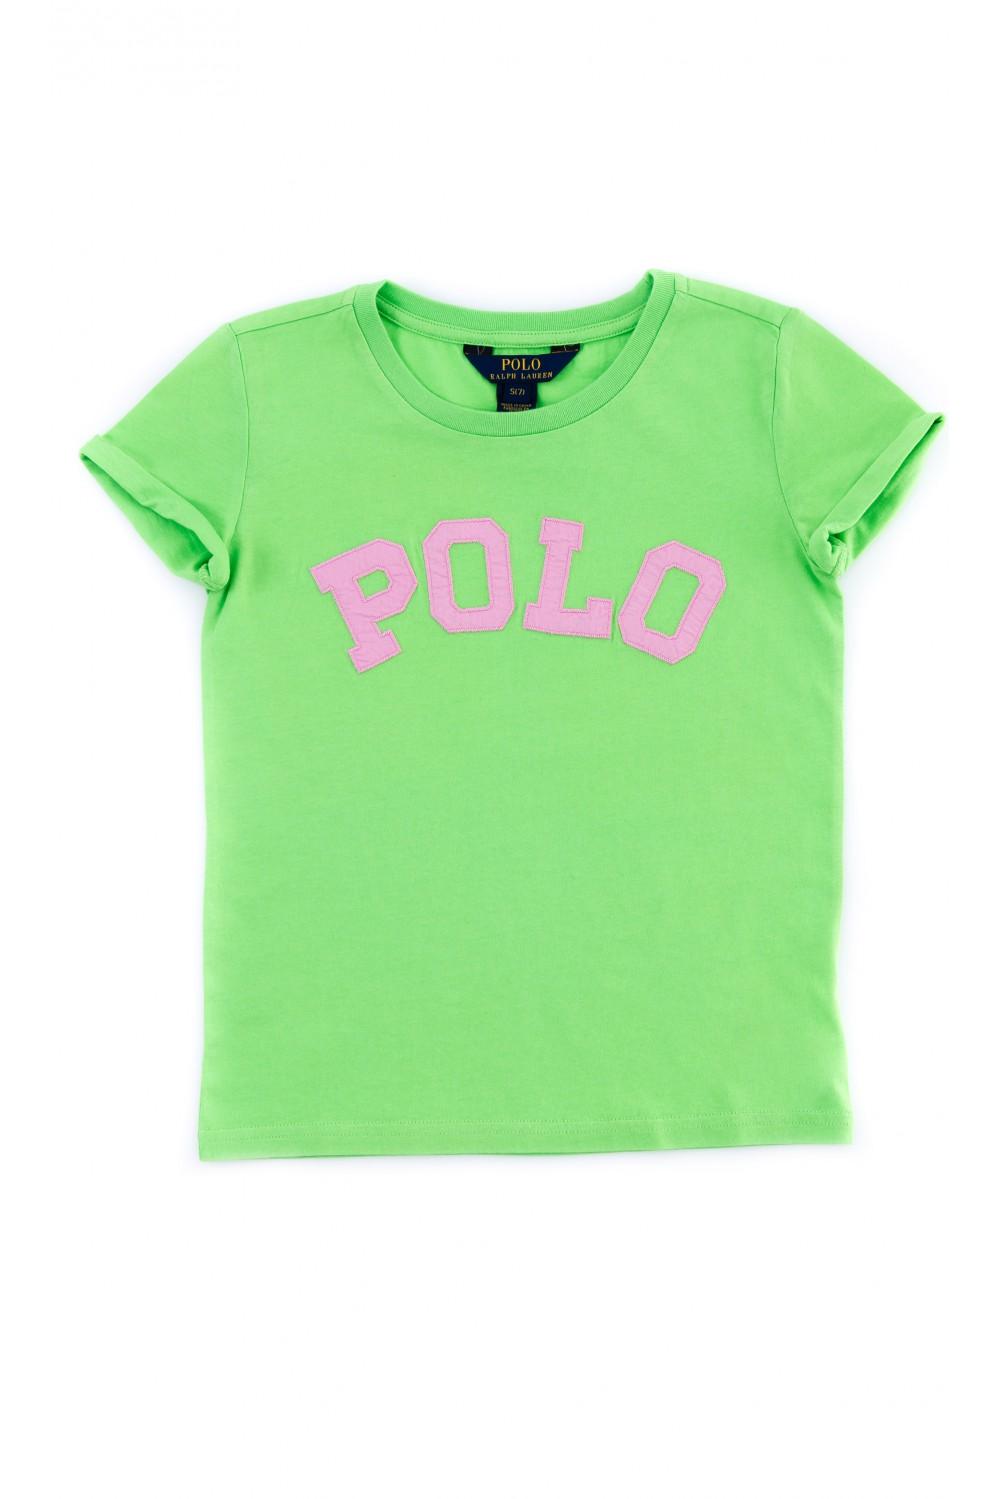 Green girl s t shirt polo ralph lauren celebrity club for Ralph lauren polo club shirts